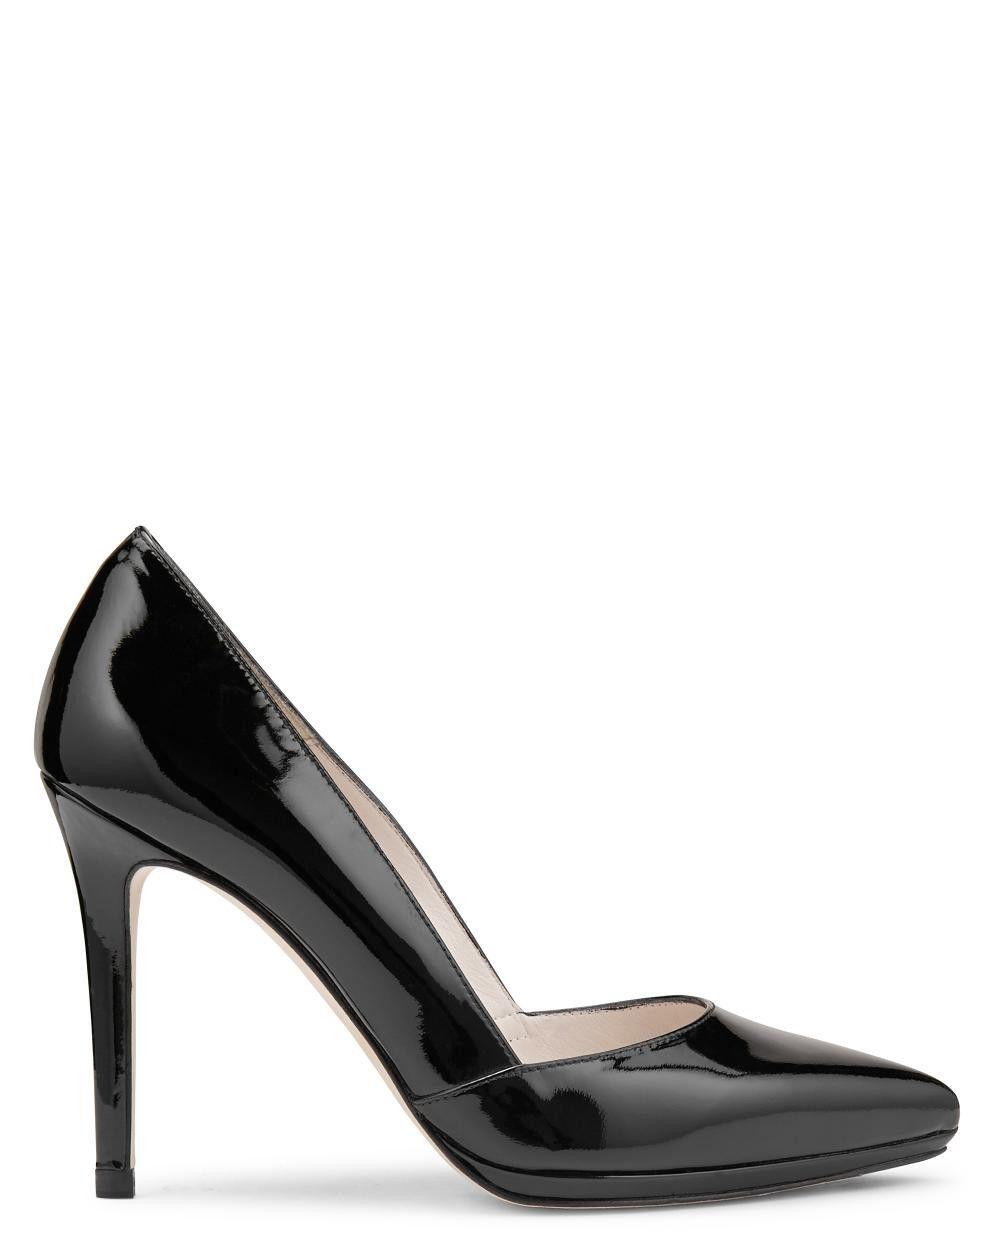 Épinglé sur Mode Shoes Boots Sandals Chaussures